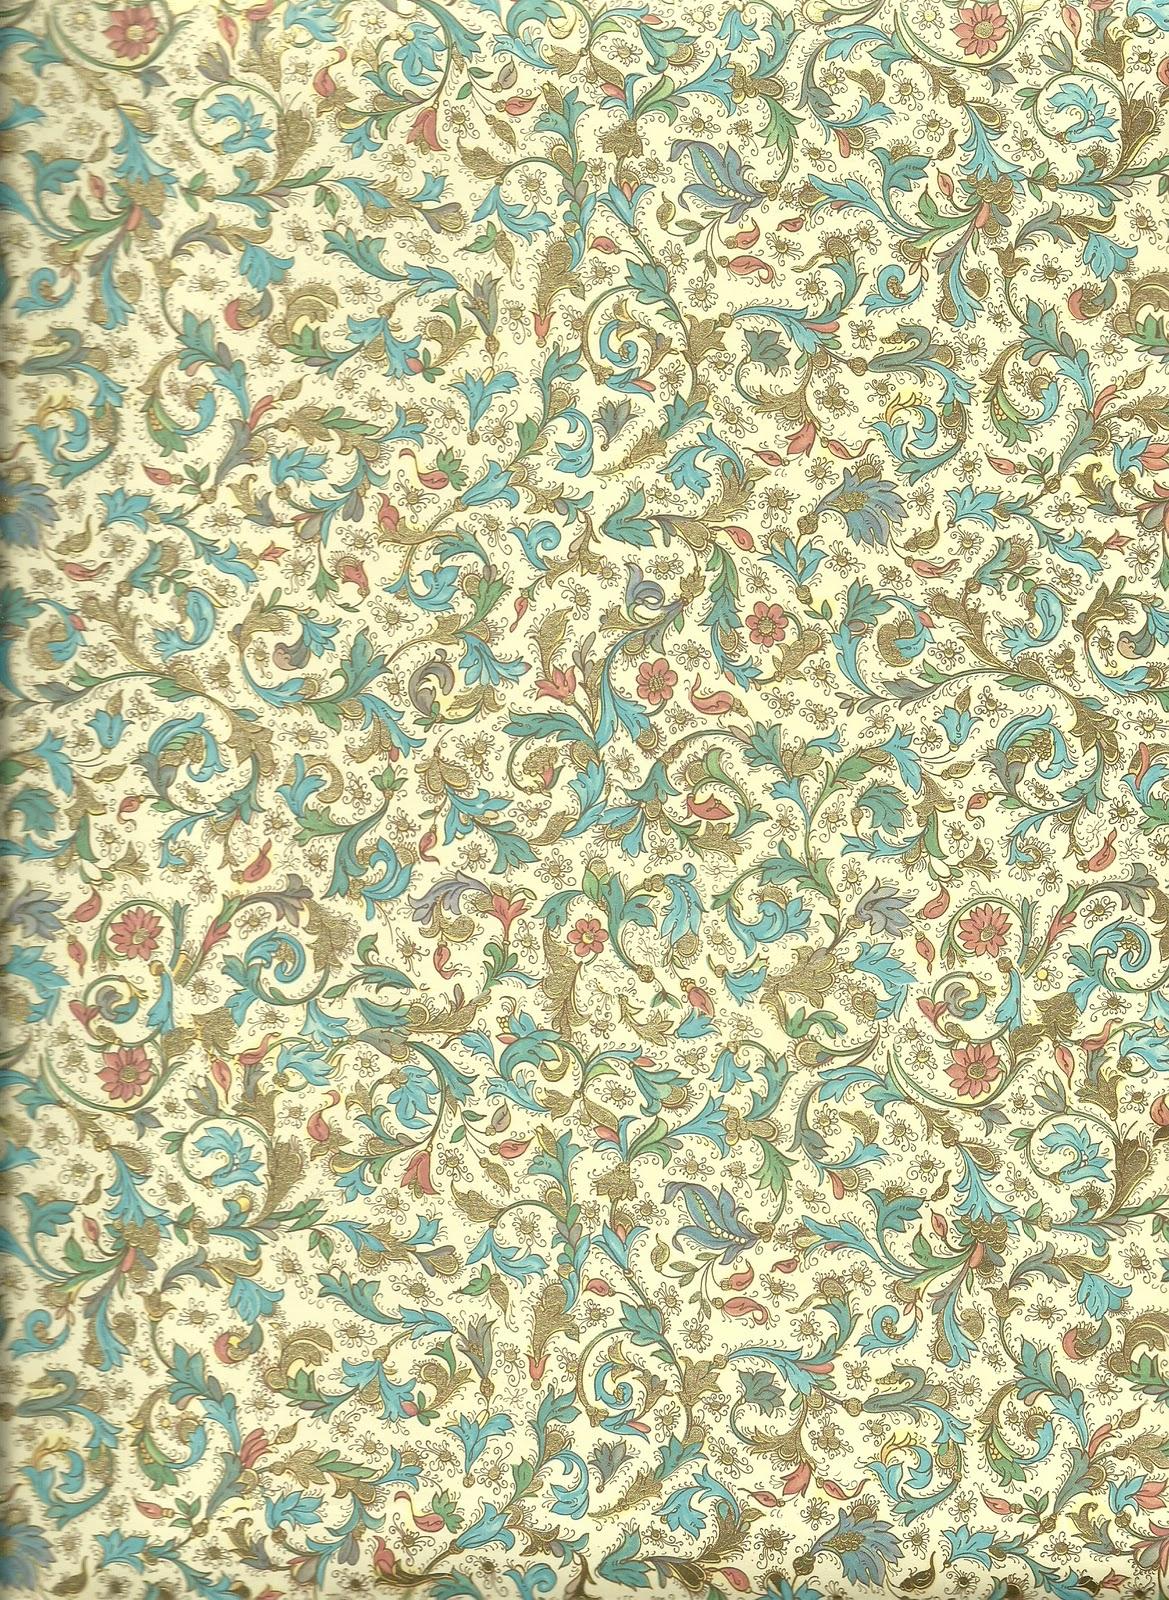 Papeles servilletas y telas de tere papel florentino 04 - Papeles y telas ...